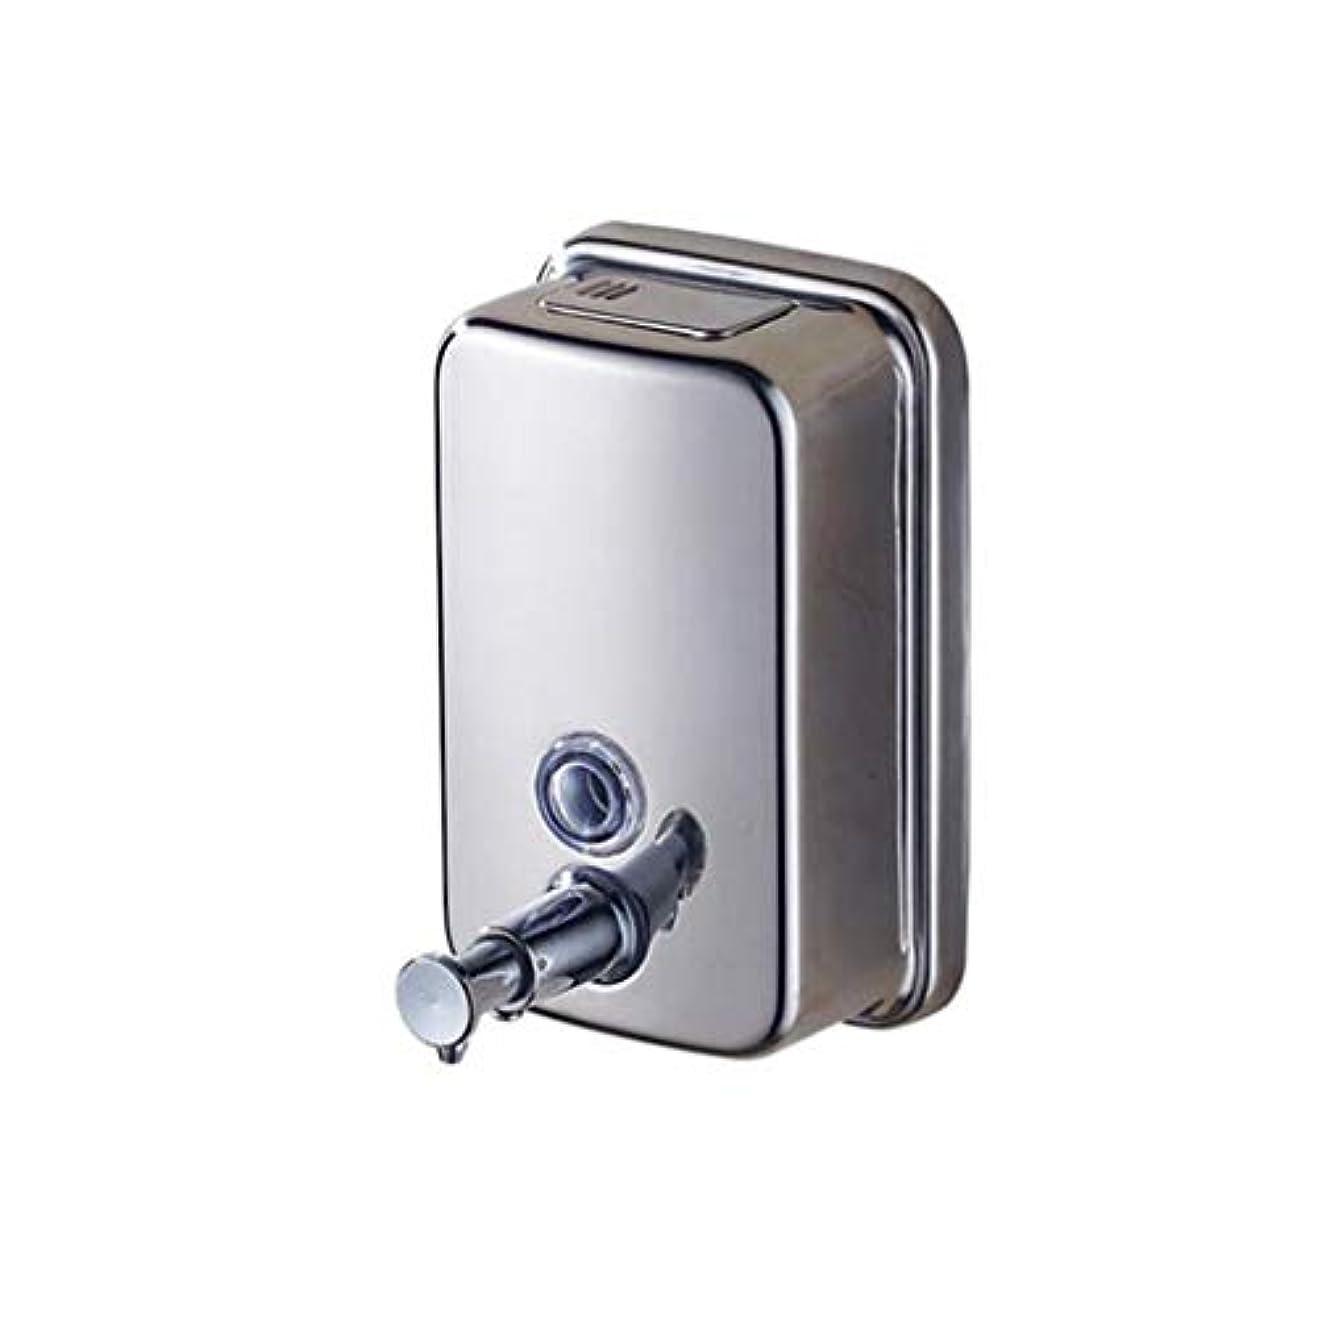 フレッシュグローパークKylinssh 台所の流しおよび浴室のための単に壁に設置されたソープディスペンサー - ソープディスペンサーホルダー